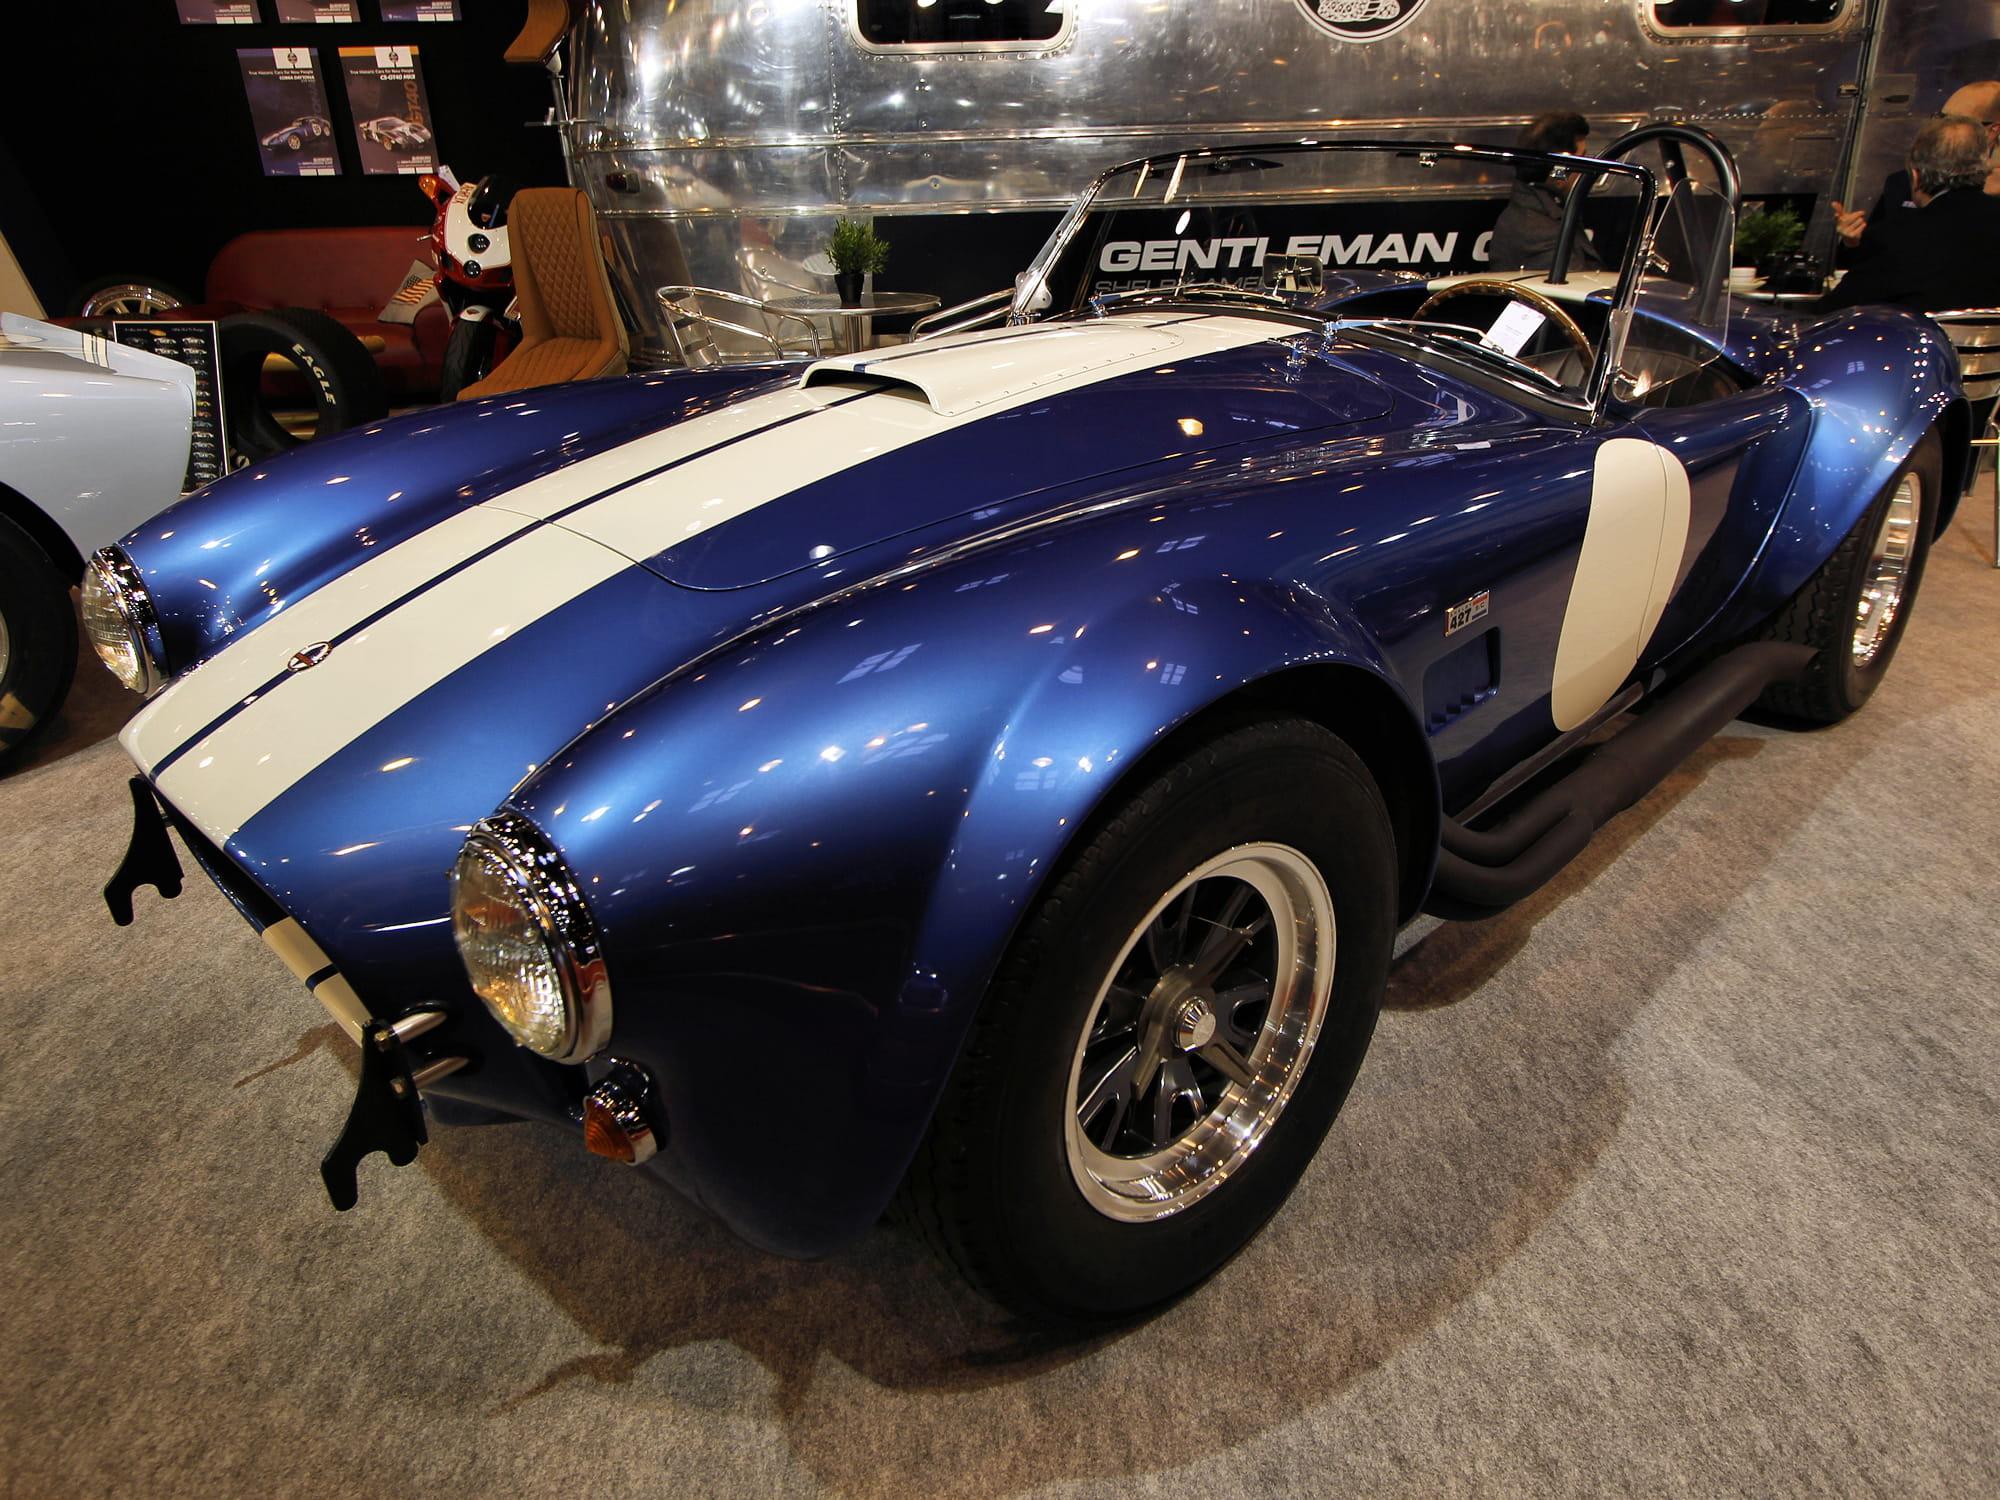 De Shelby Cobra 427 Carrocerias Clasicas De Autos En Fibra Vidrio